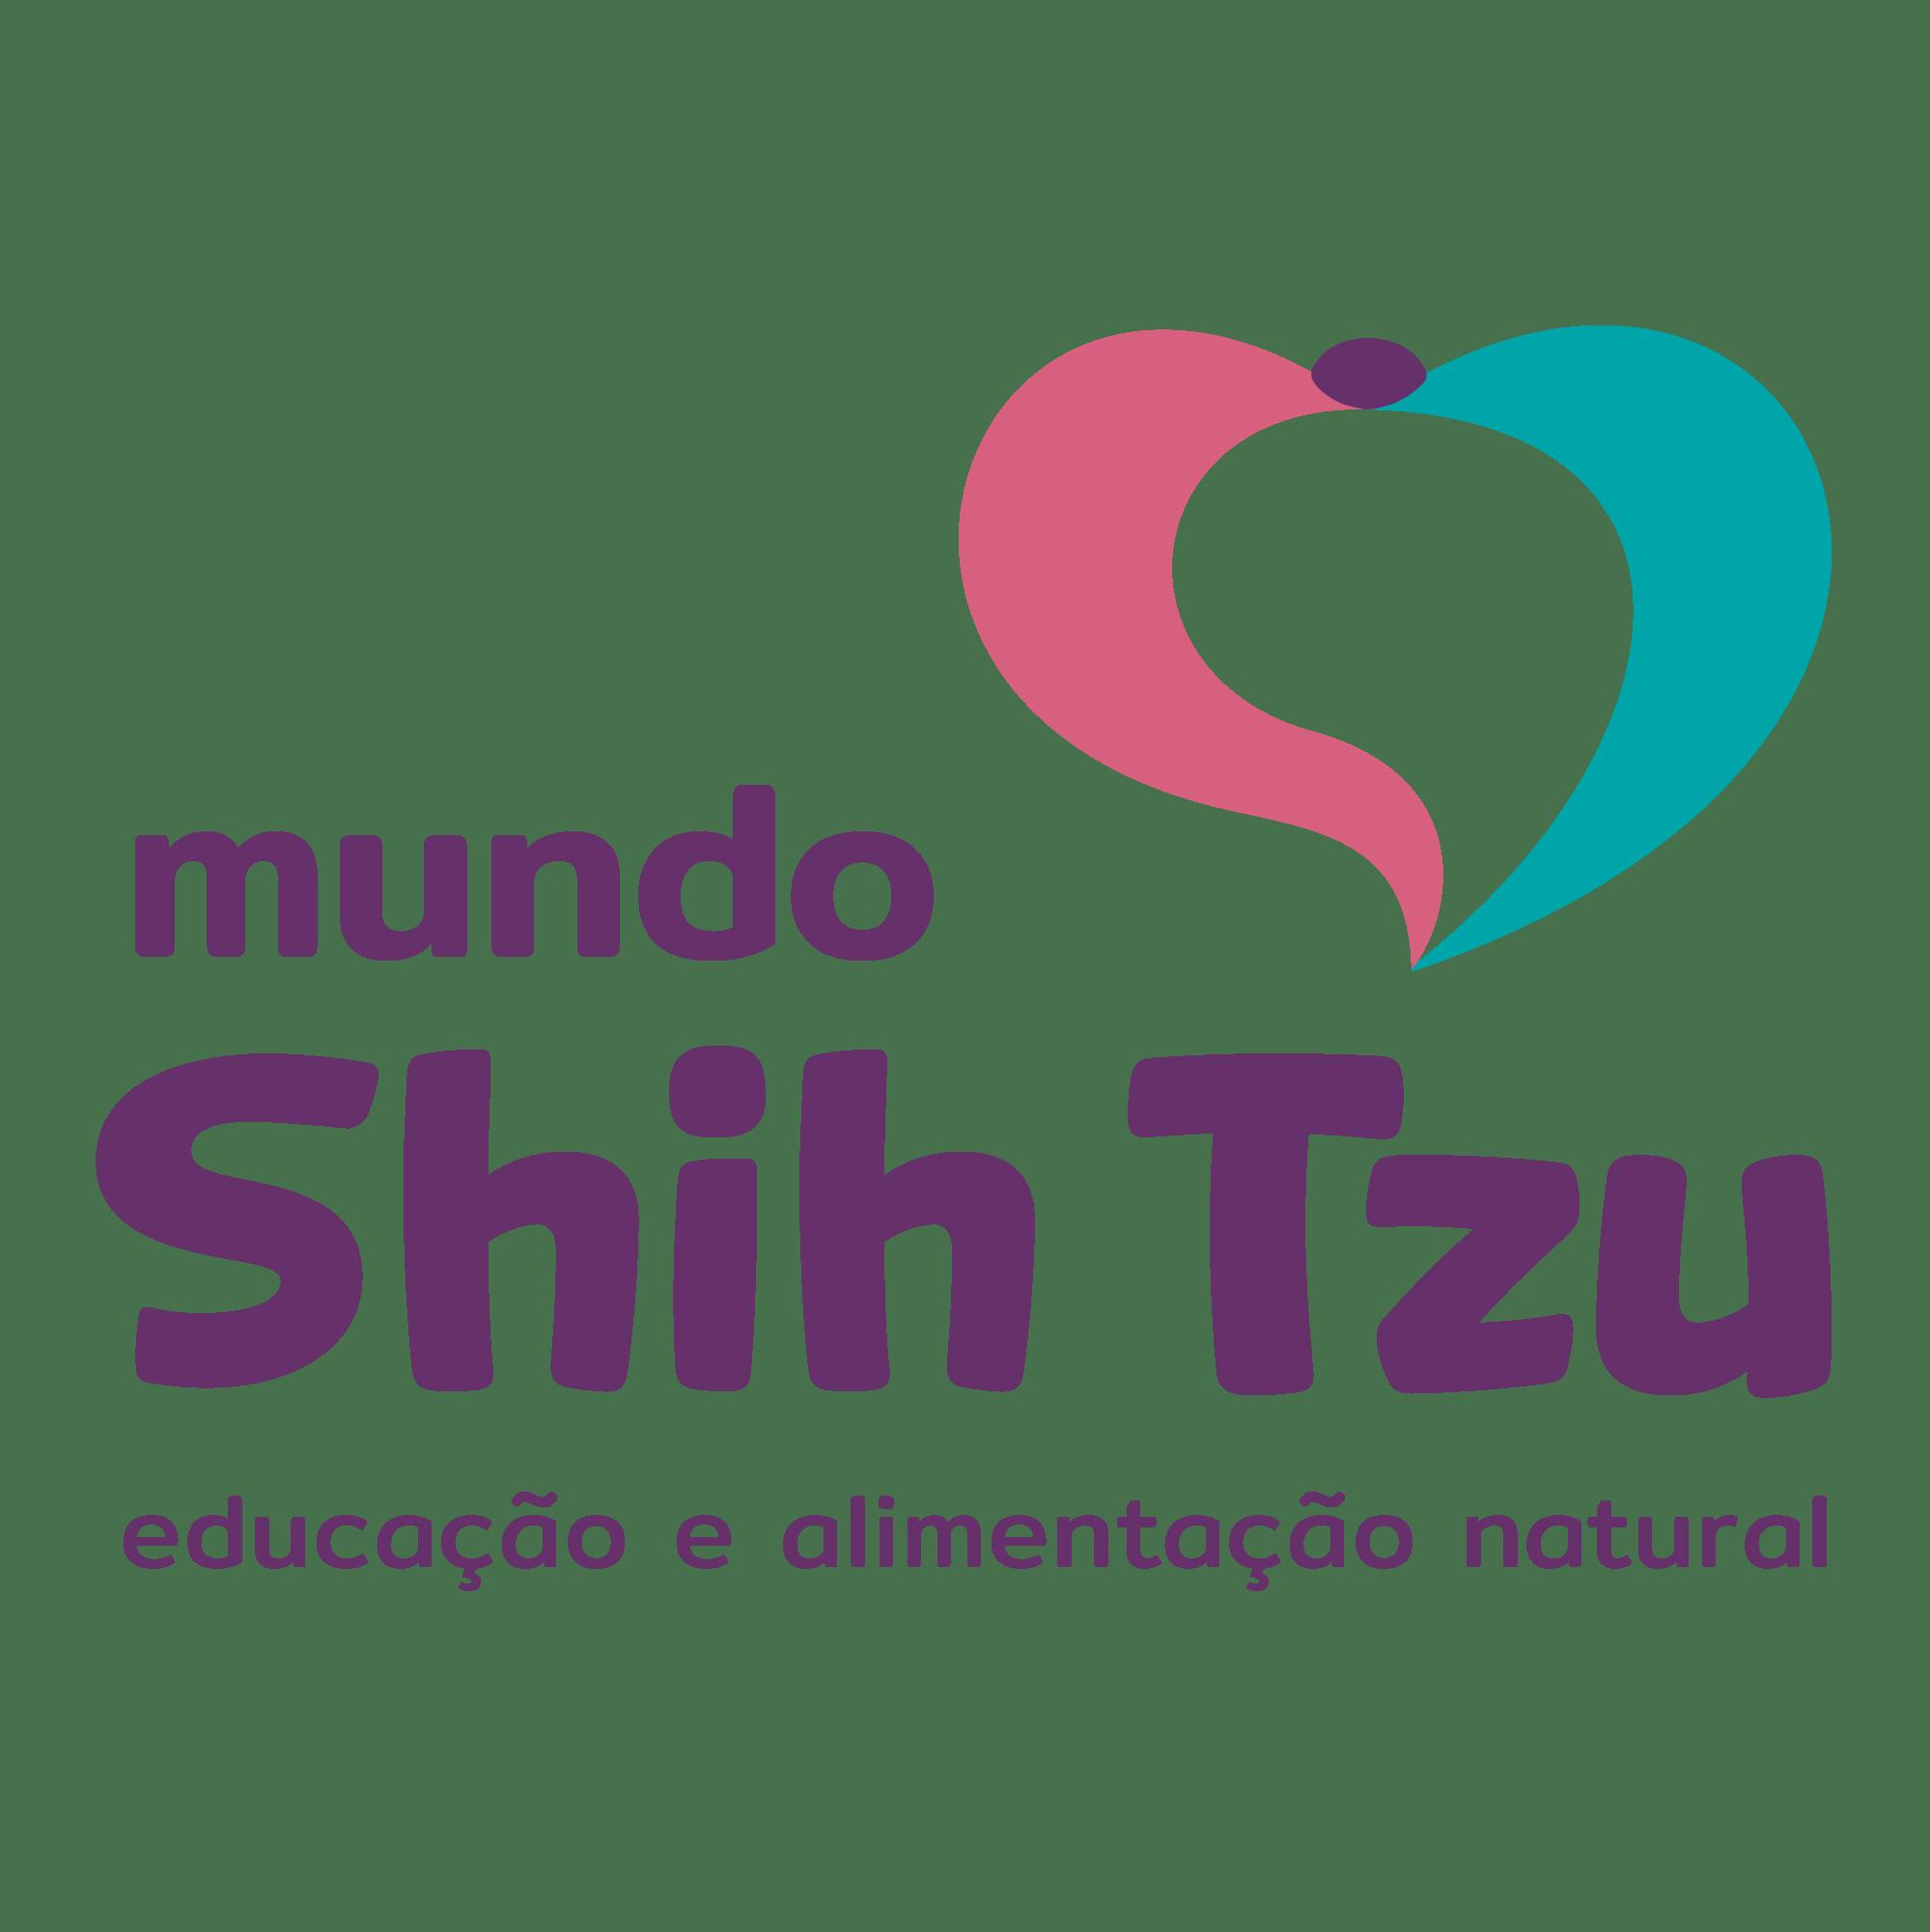 Mundo Shih Tzu